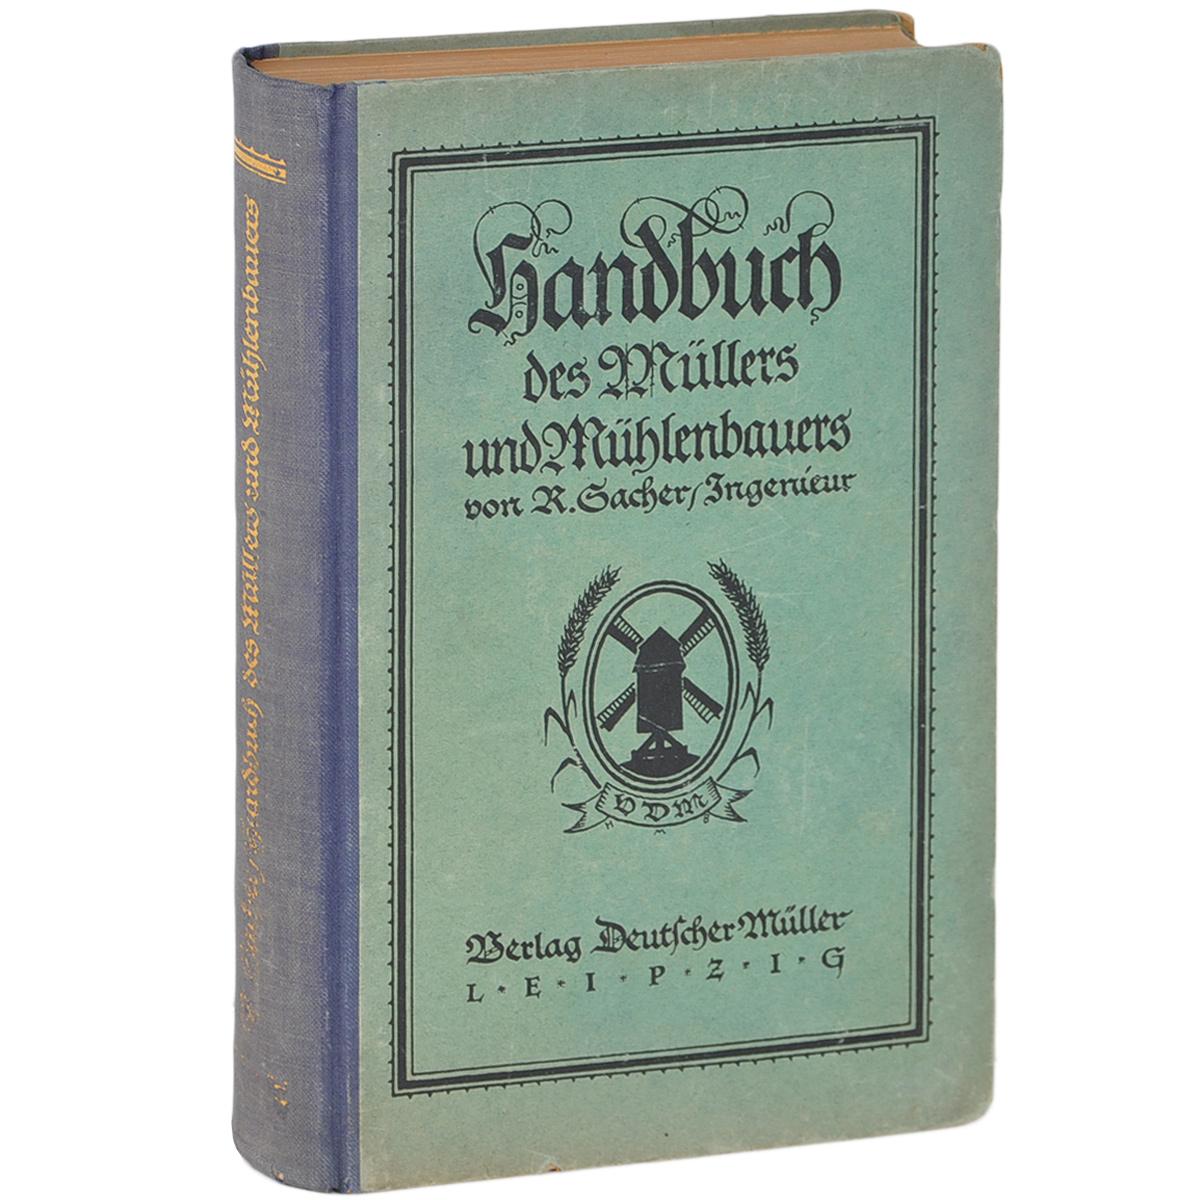 Handbuch des Mullers und Muhlenbauers